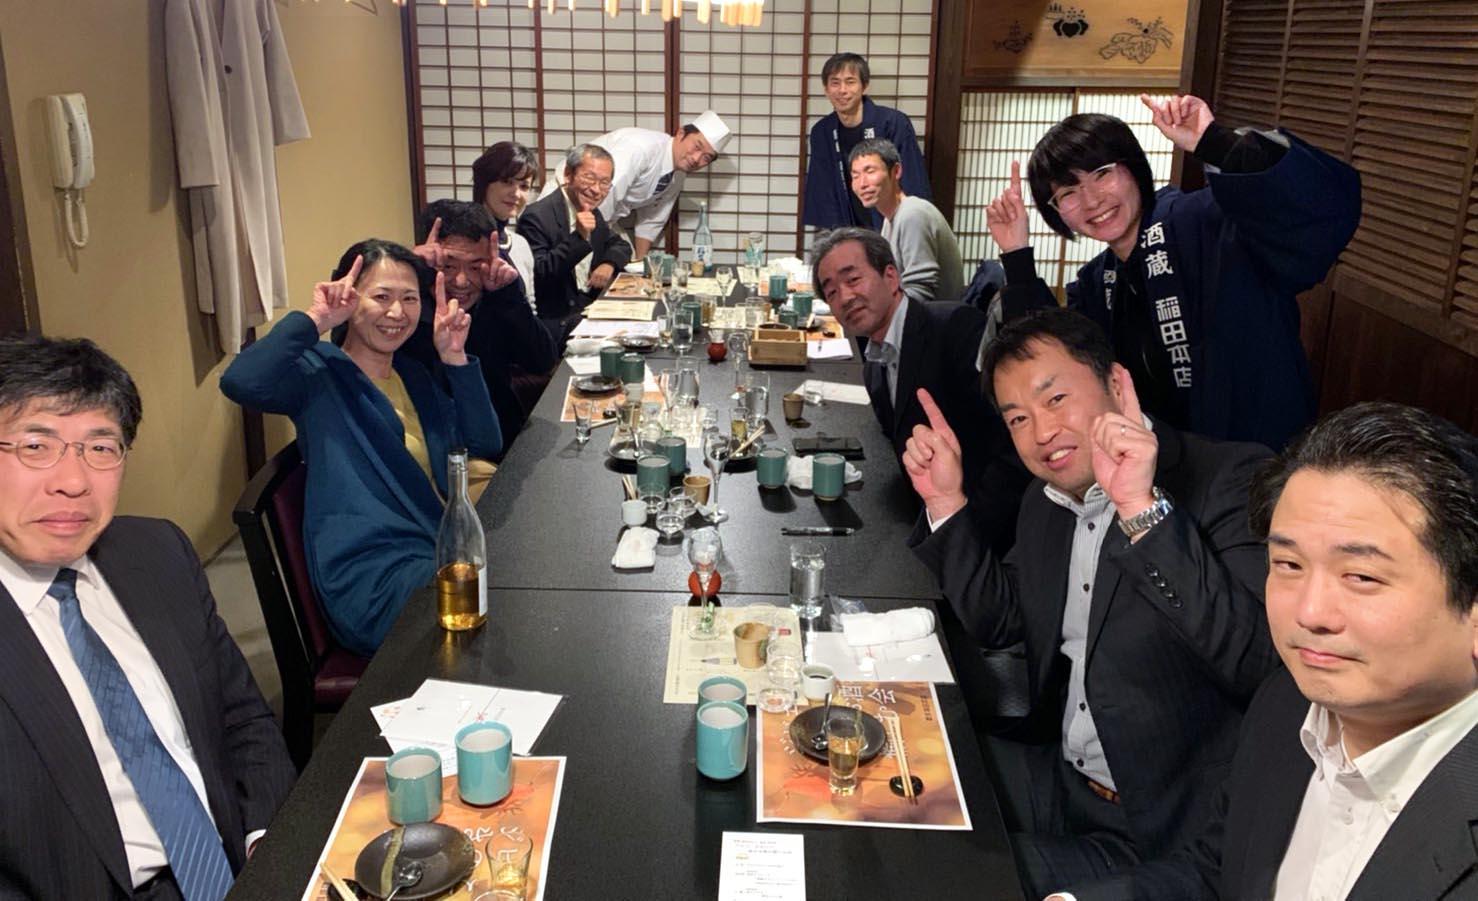 稲田屋米子店 蔵コラボ企画第2弾、お客様との記念撮影♪